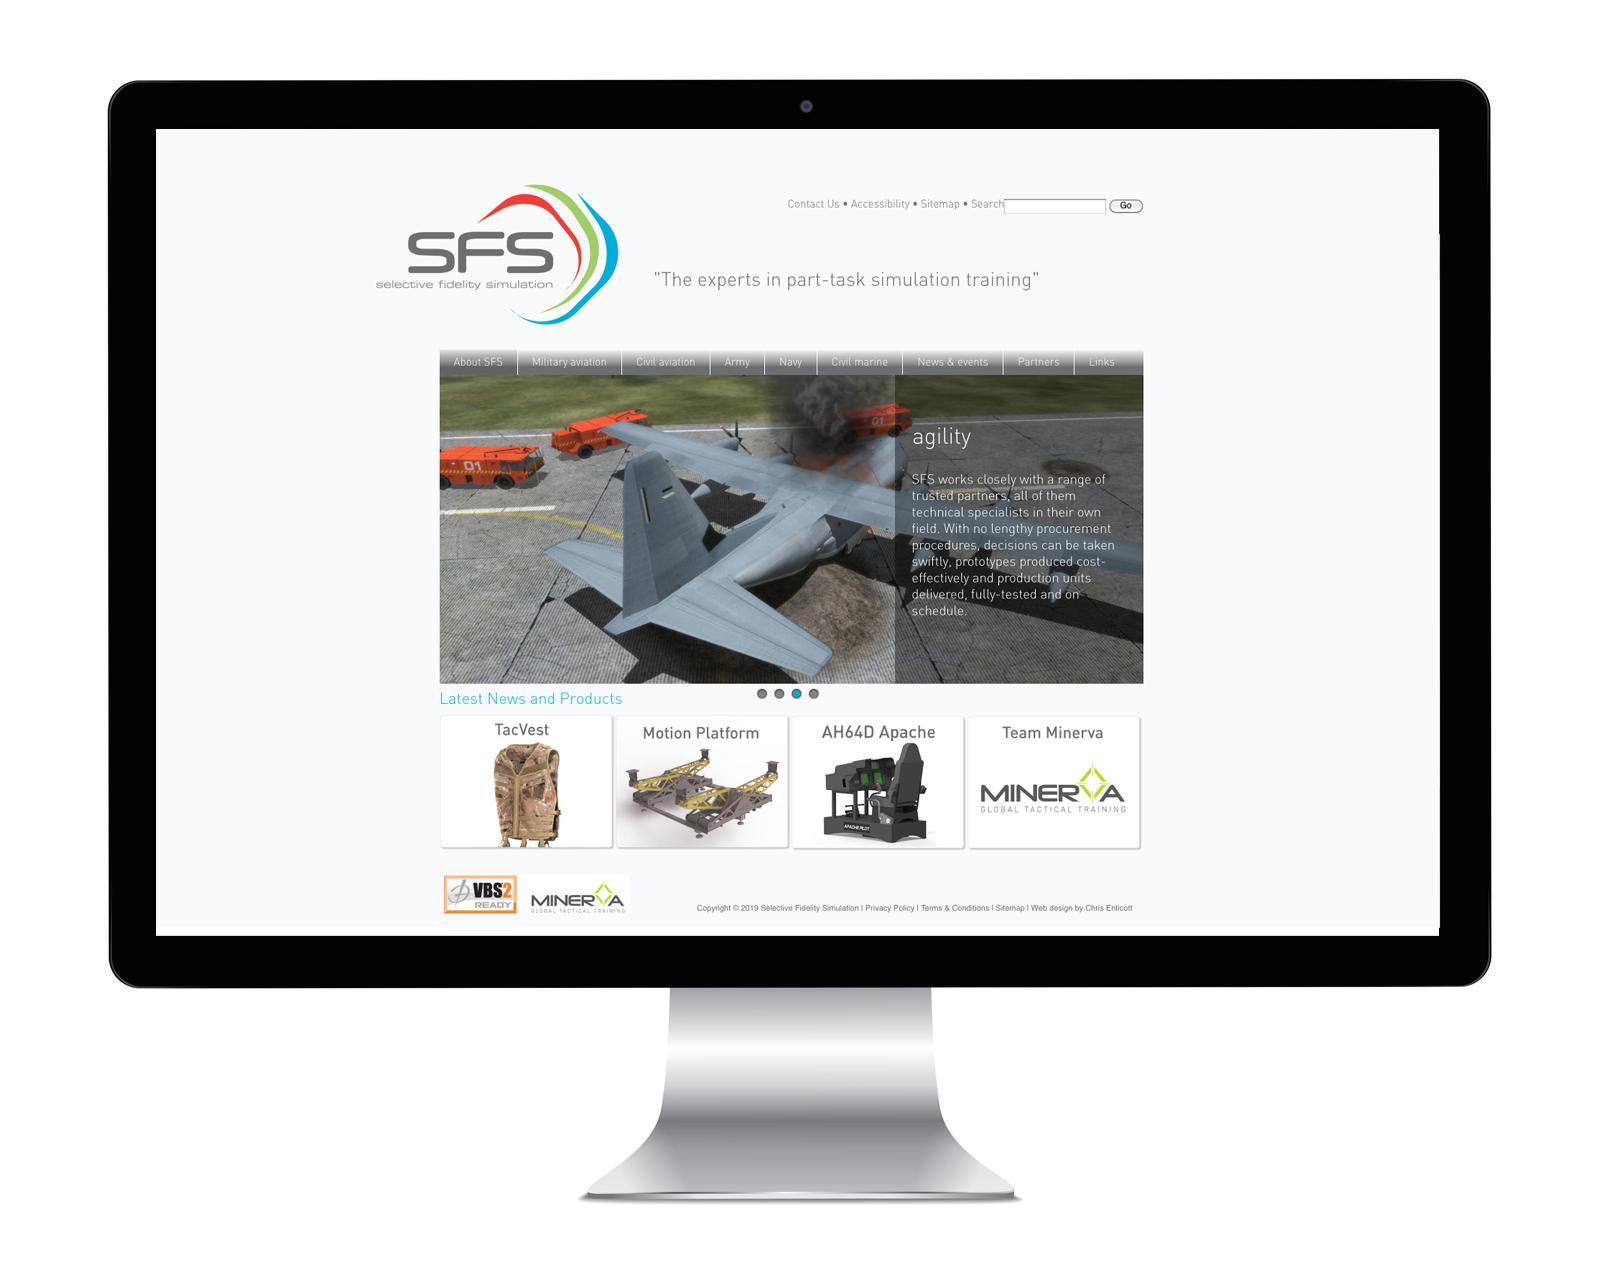 sfs website